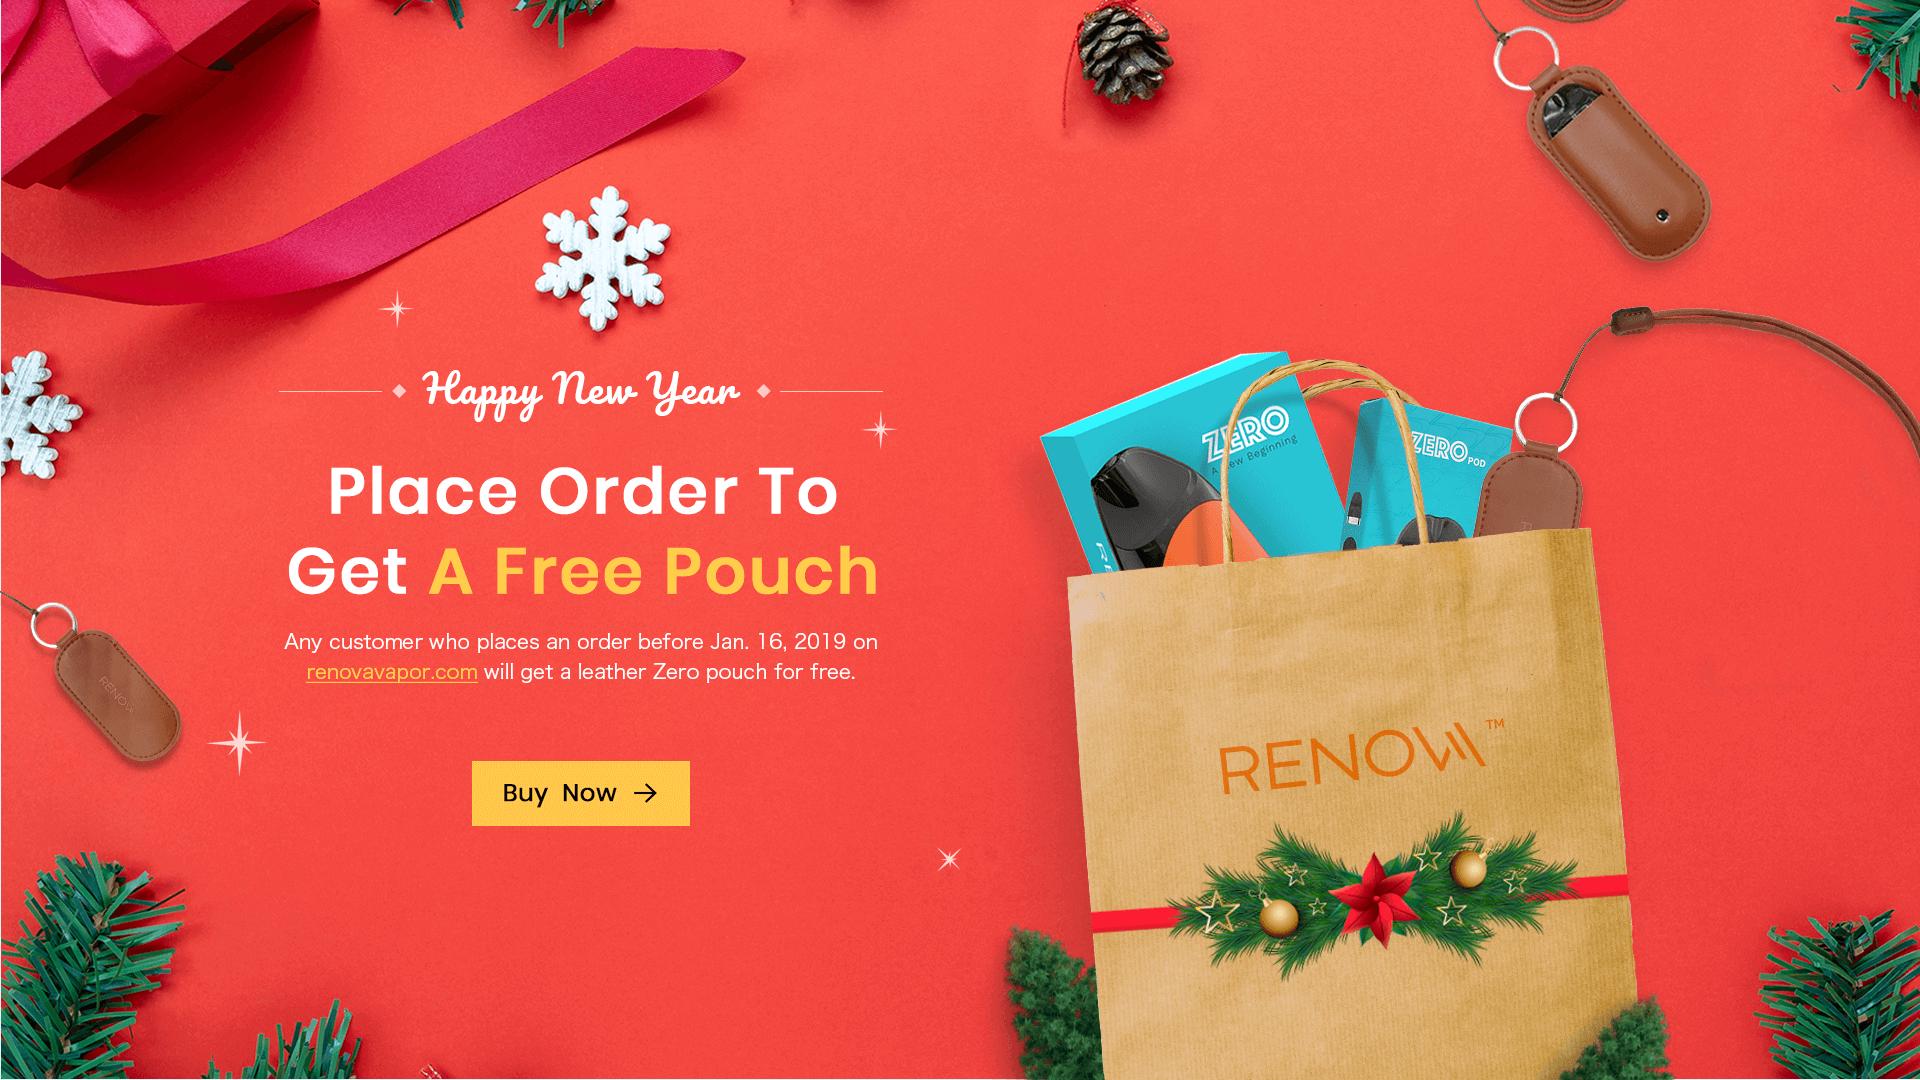 Renova happy new year